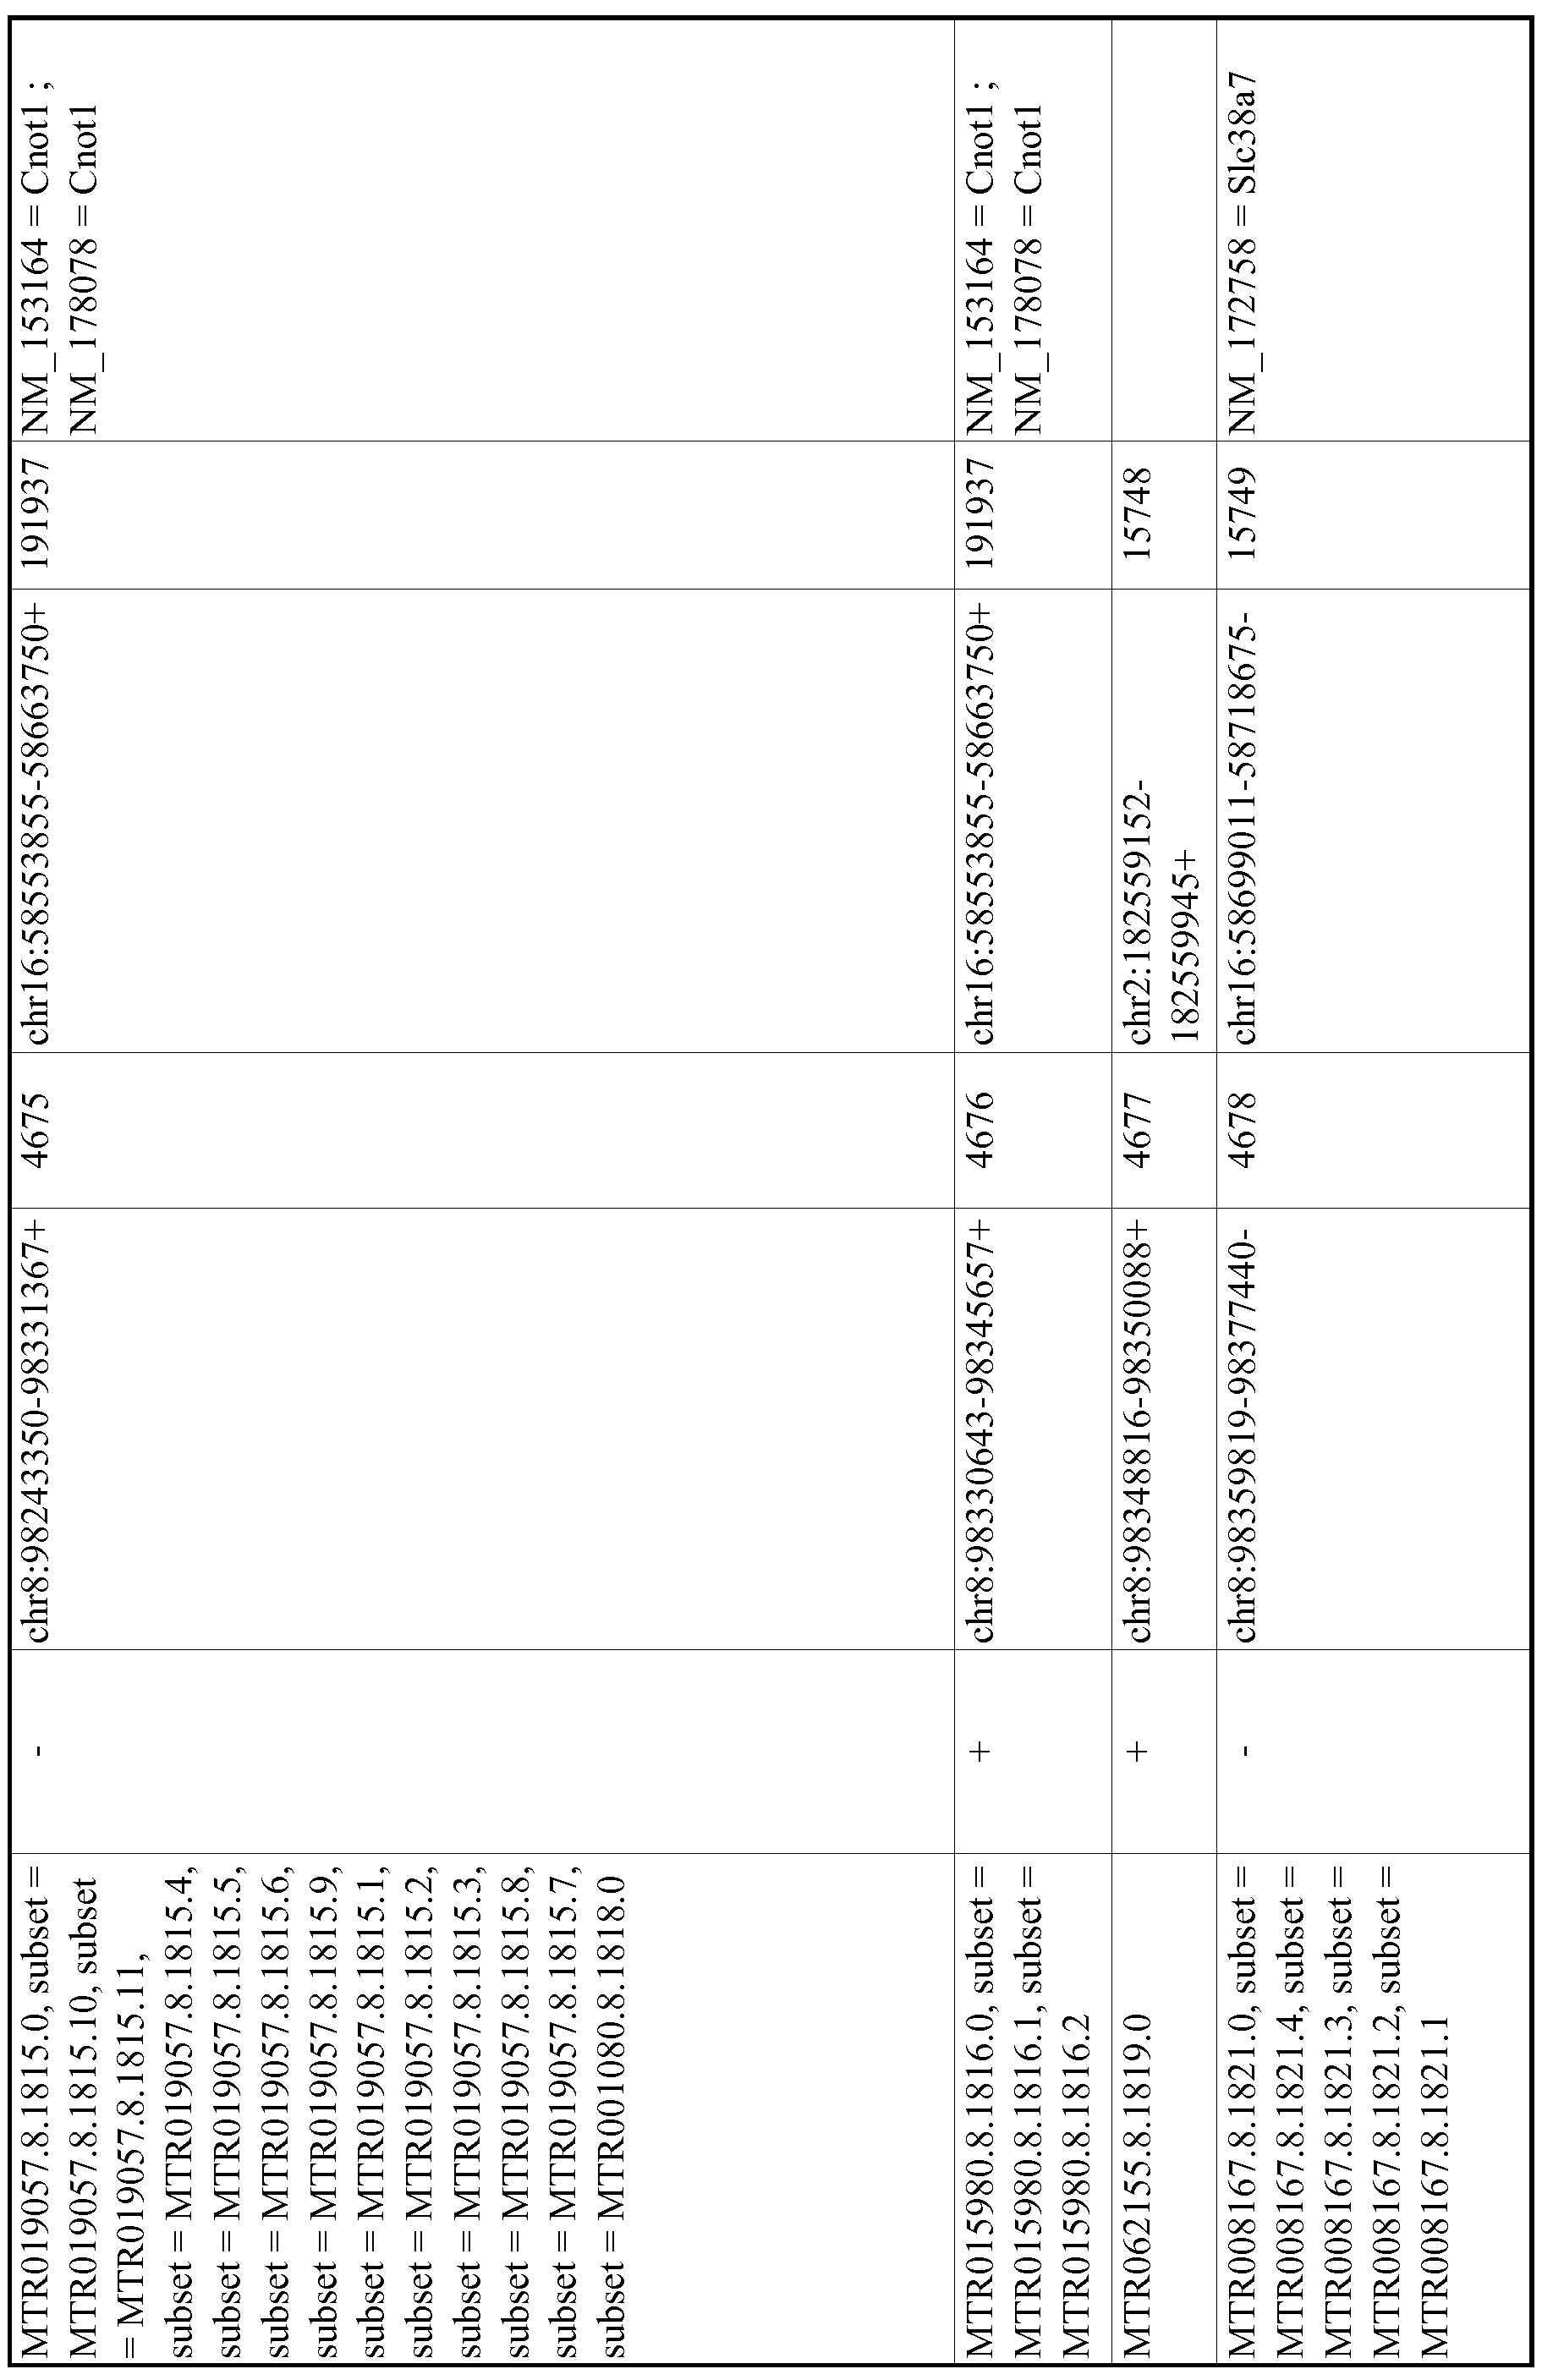 Figure imgf000867_0001